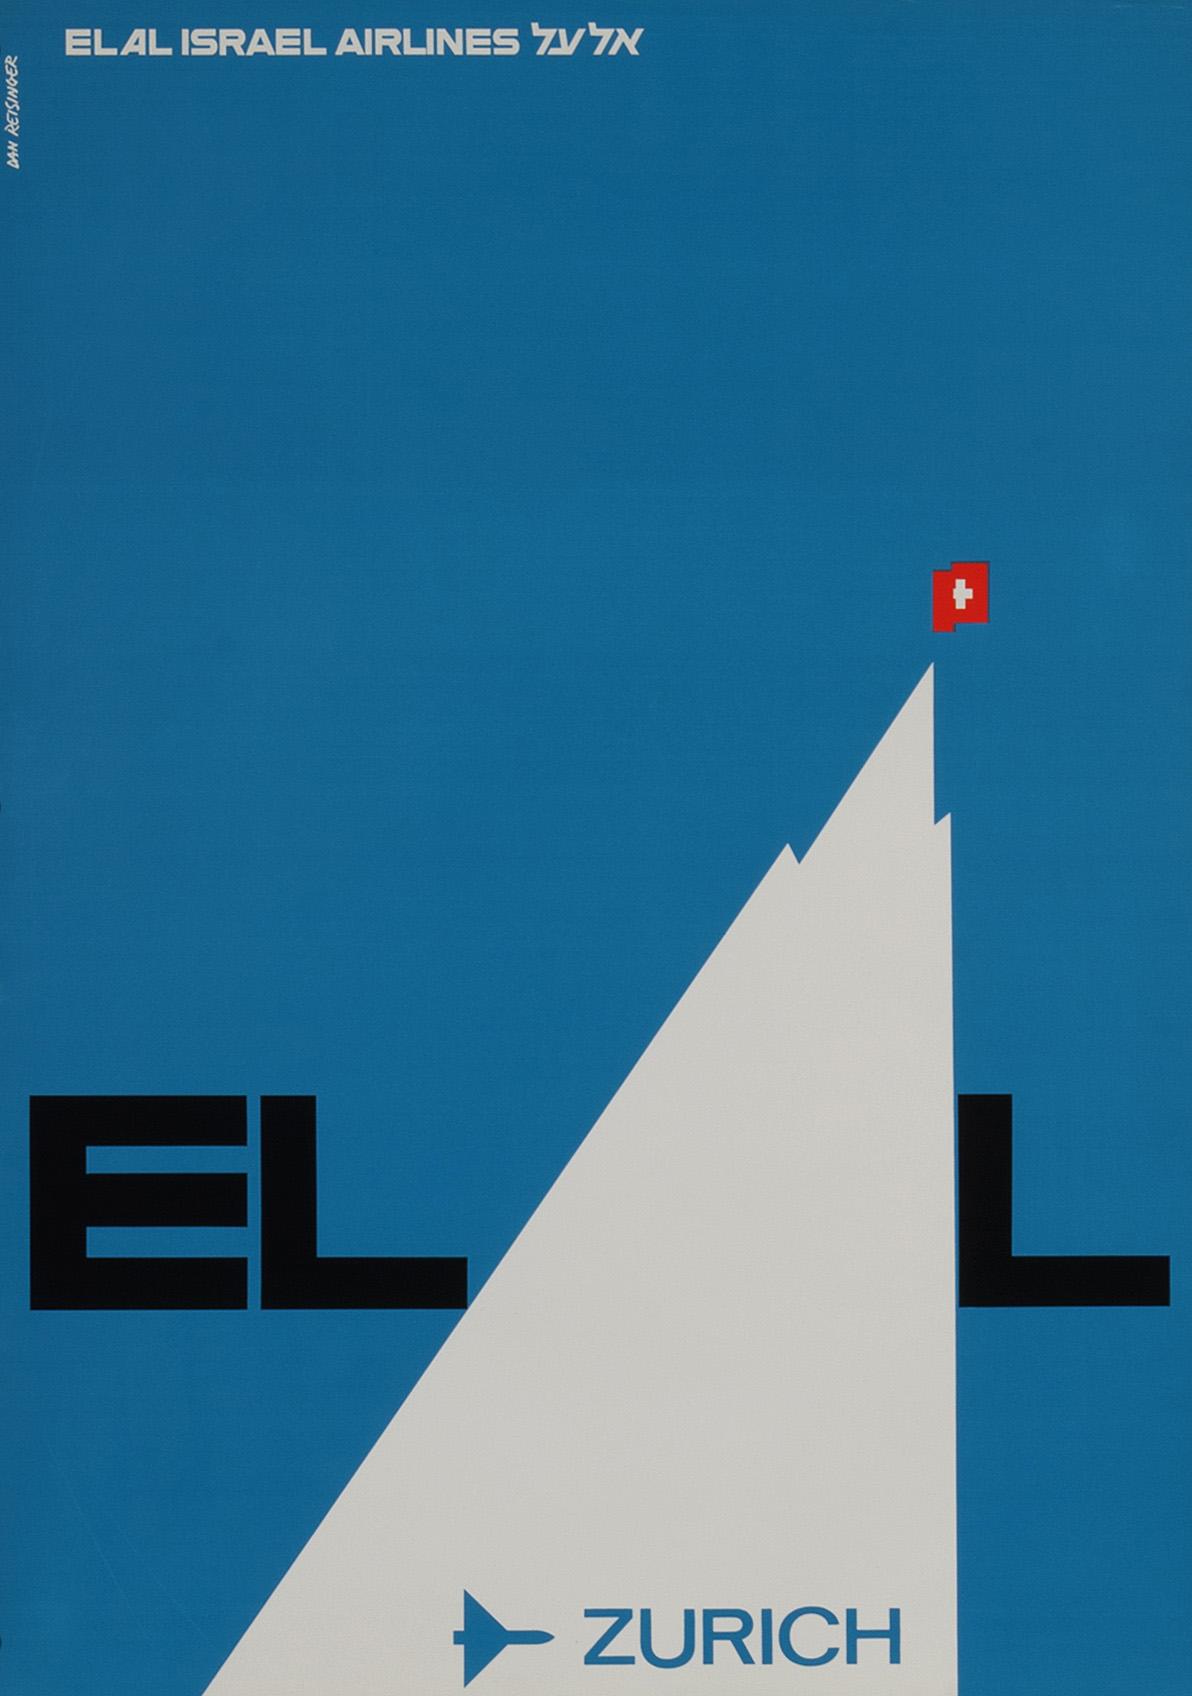 'אלעל ציריך' 1970, דן ריזינגר, מתוך אוסף  מוזיאון ישראל